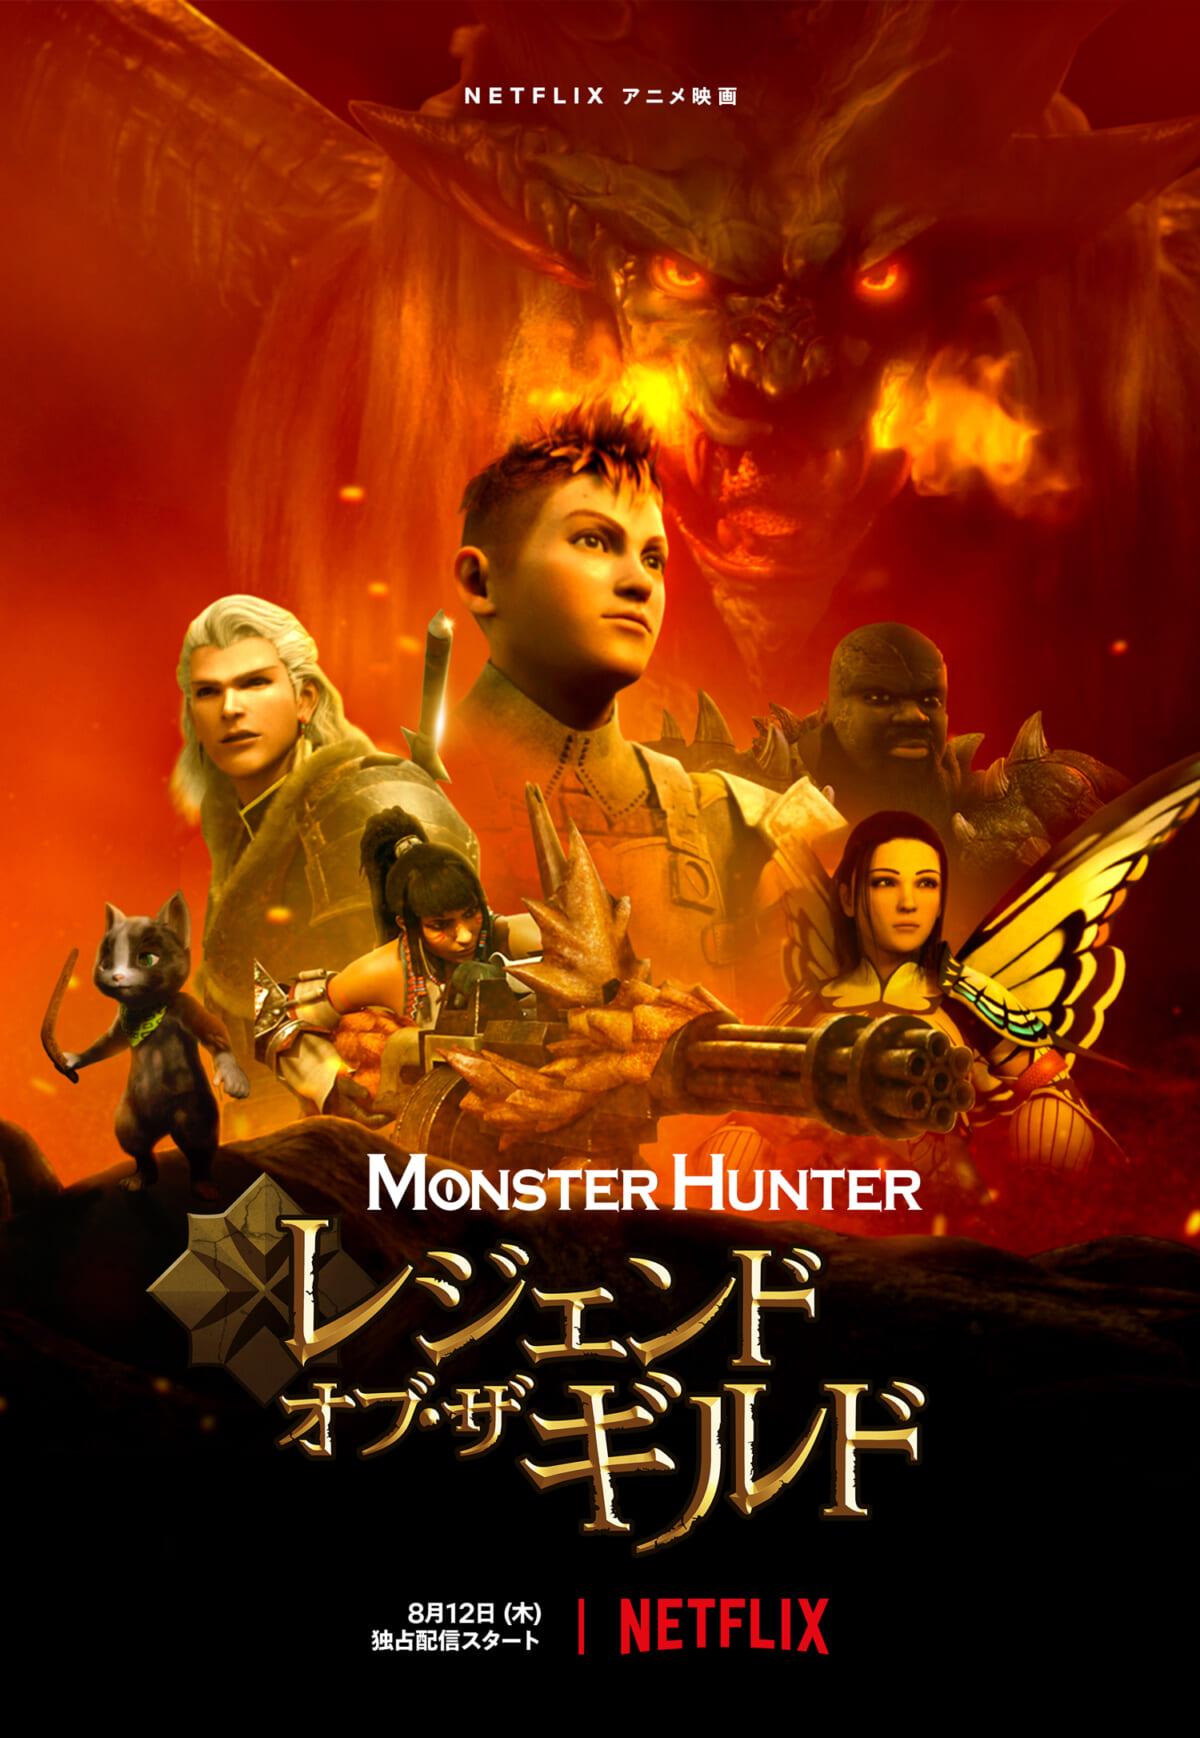 Netflixアニメ映画「モンスターハンター:レジェンド・オブ・ザ・ギルド」